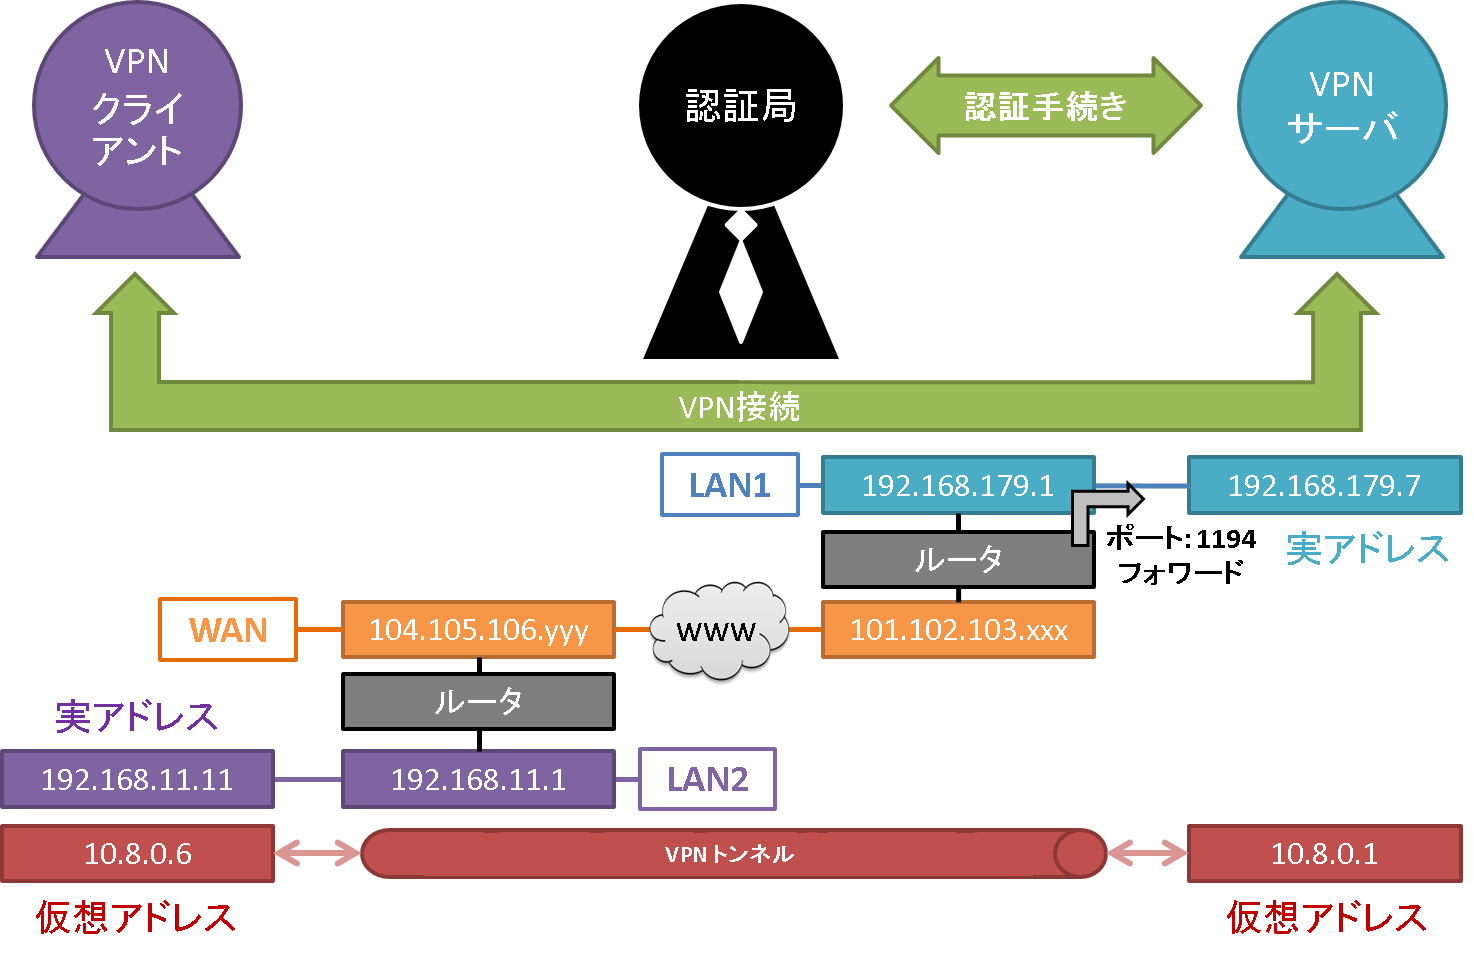 01_システム構成.png